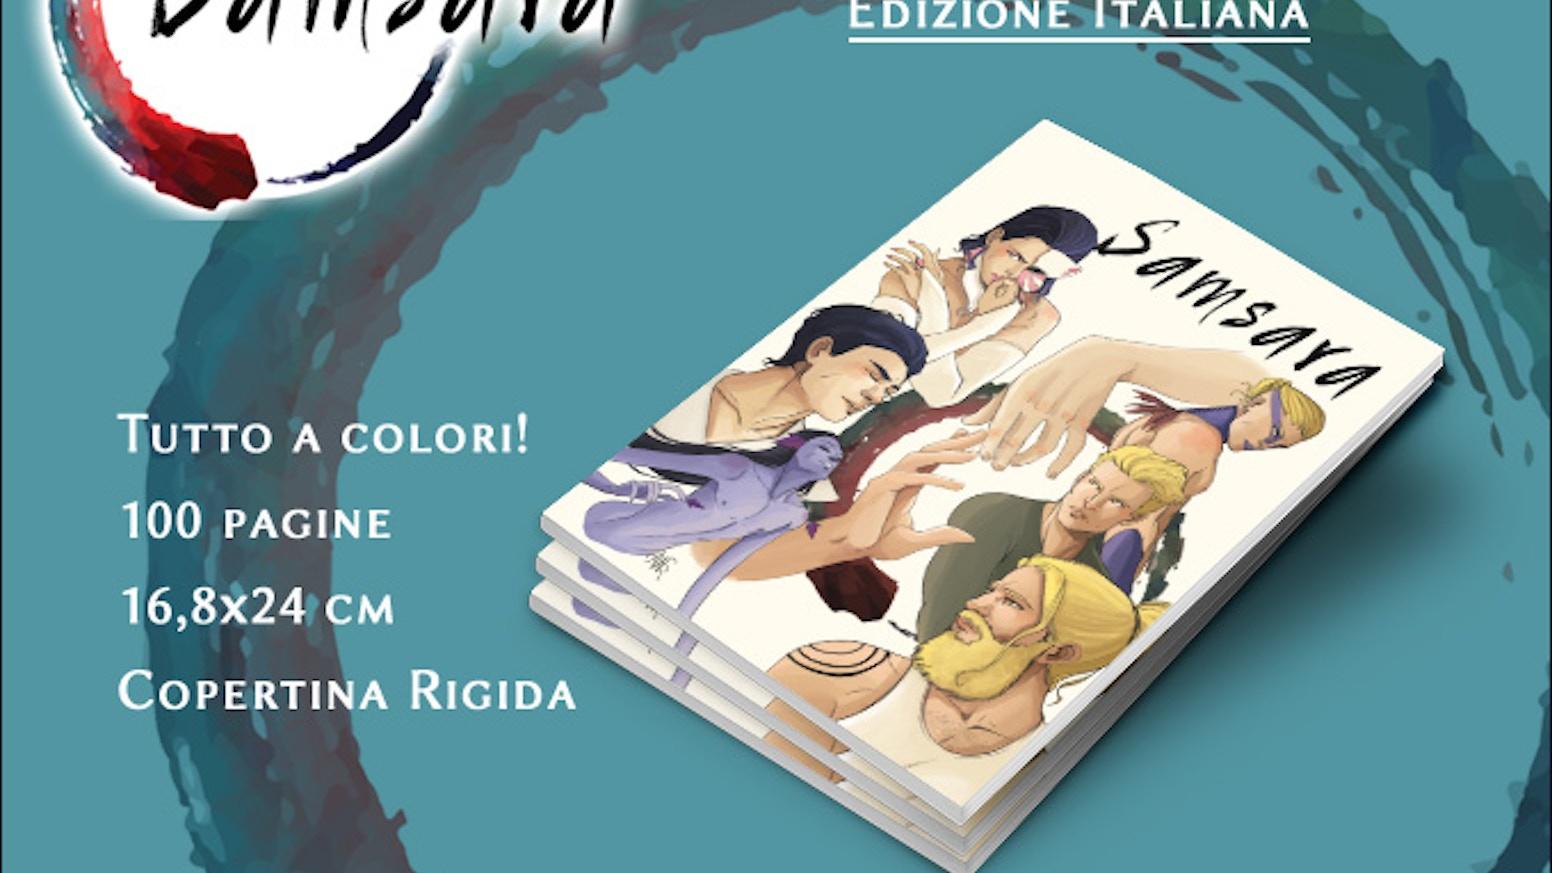 Samsara: dal webcomic all'edizione stampata in italiano!